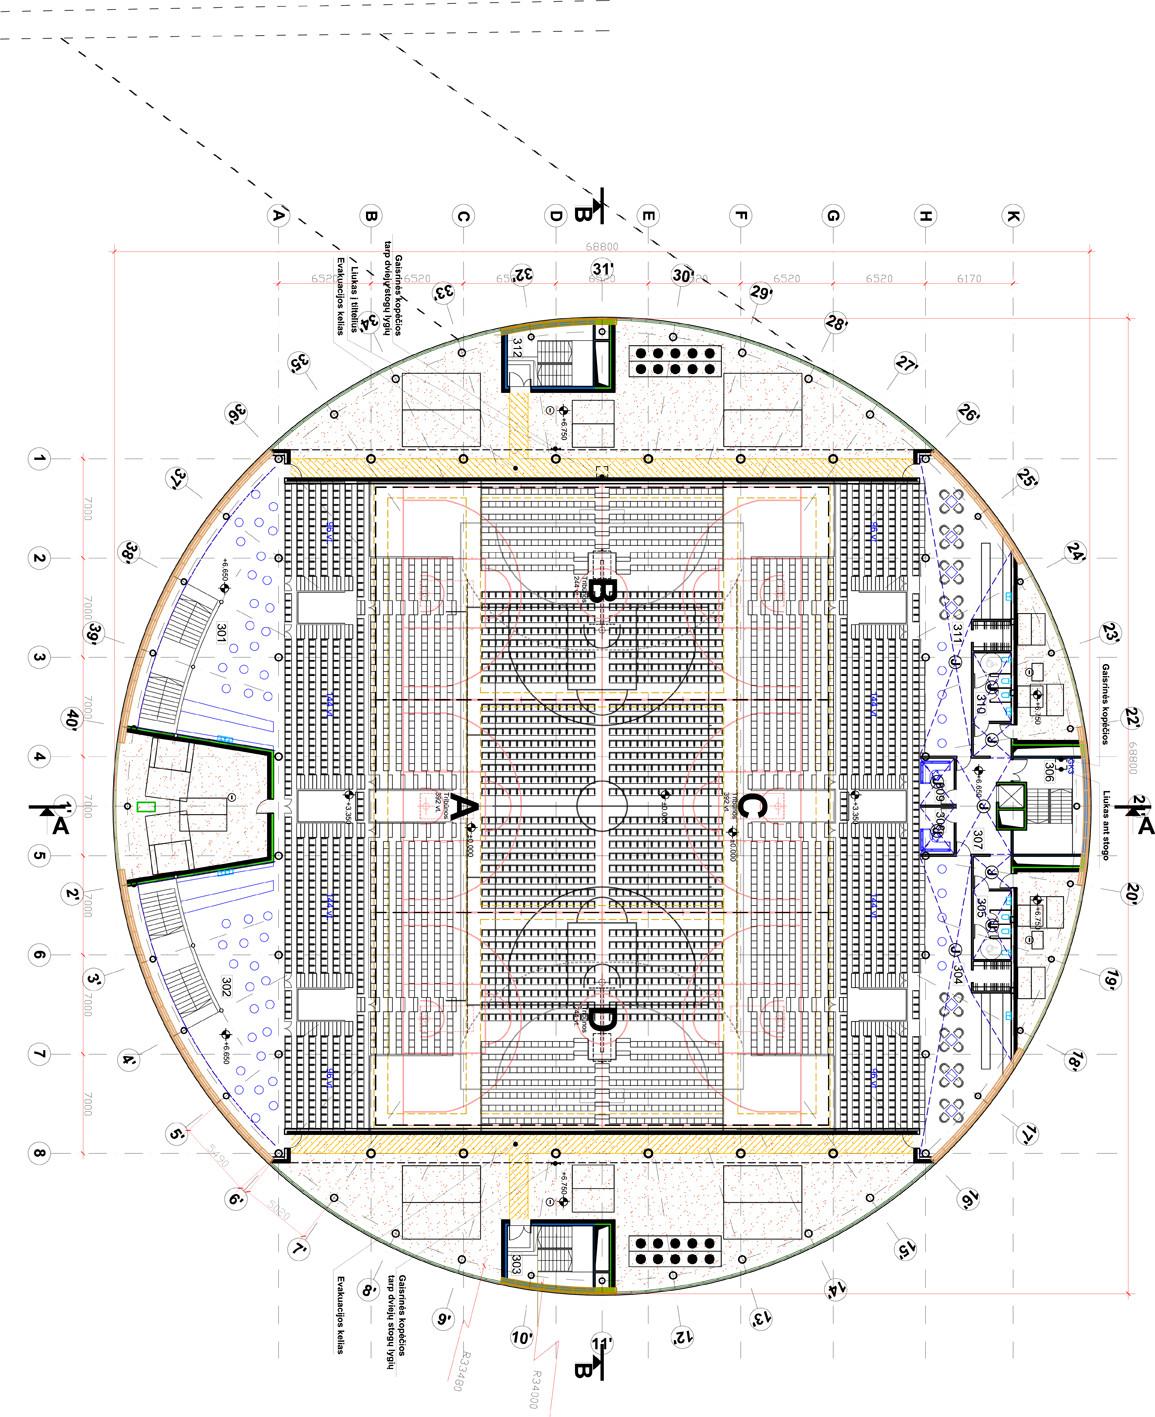 Drawing Floor Plan Gallery Of Kedainiai Arena 4plius Architects 19